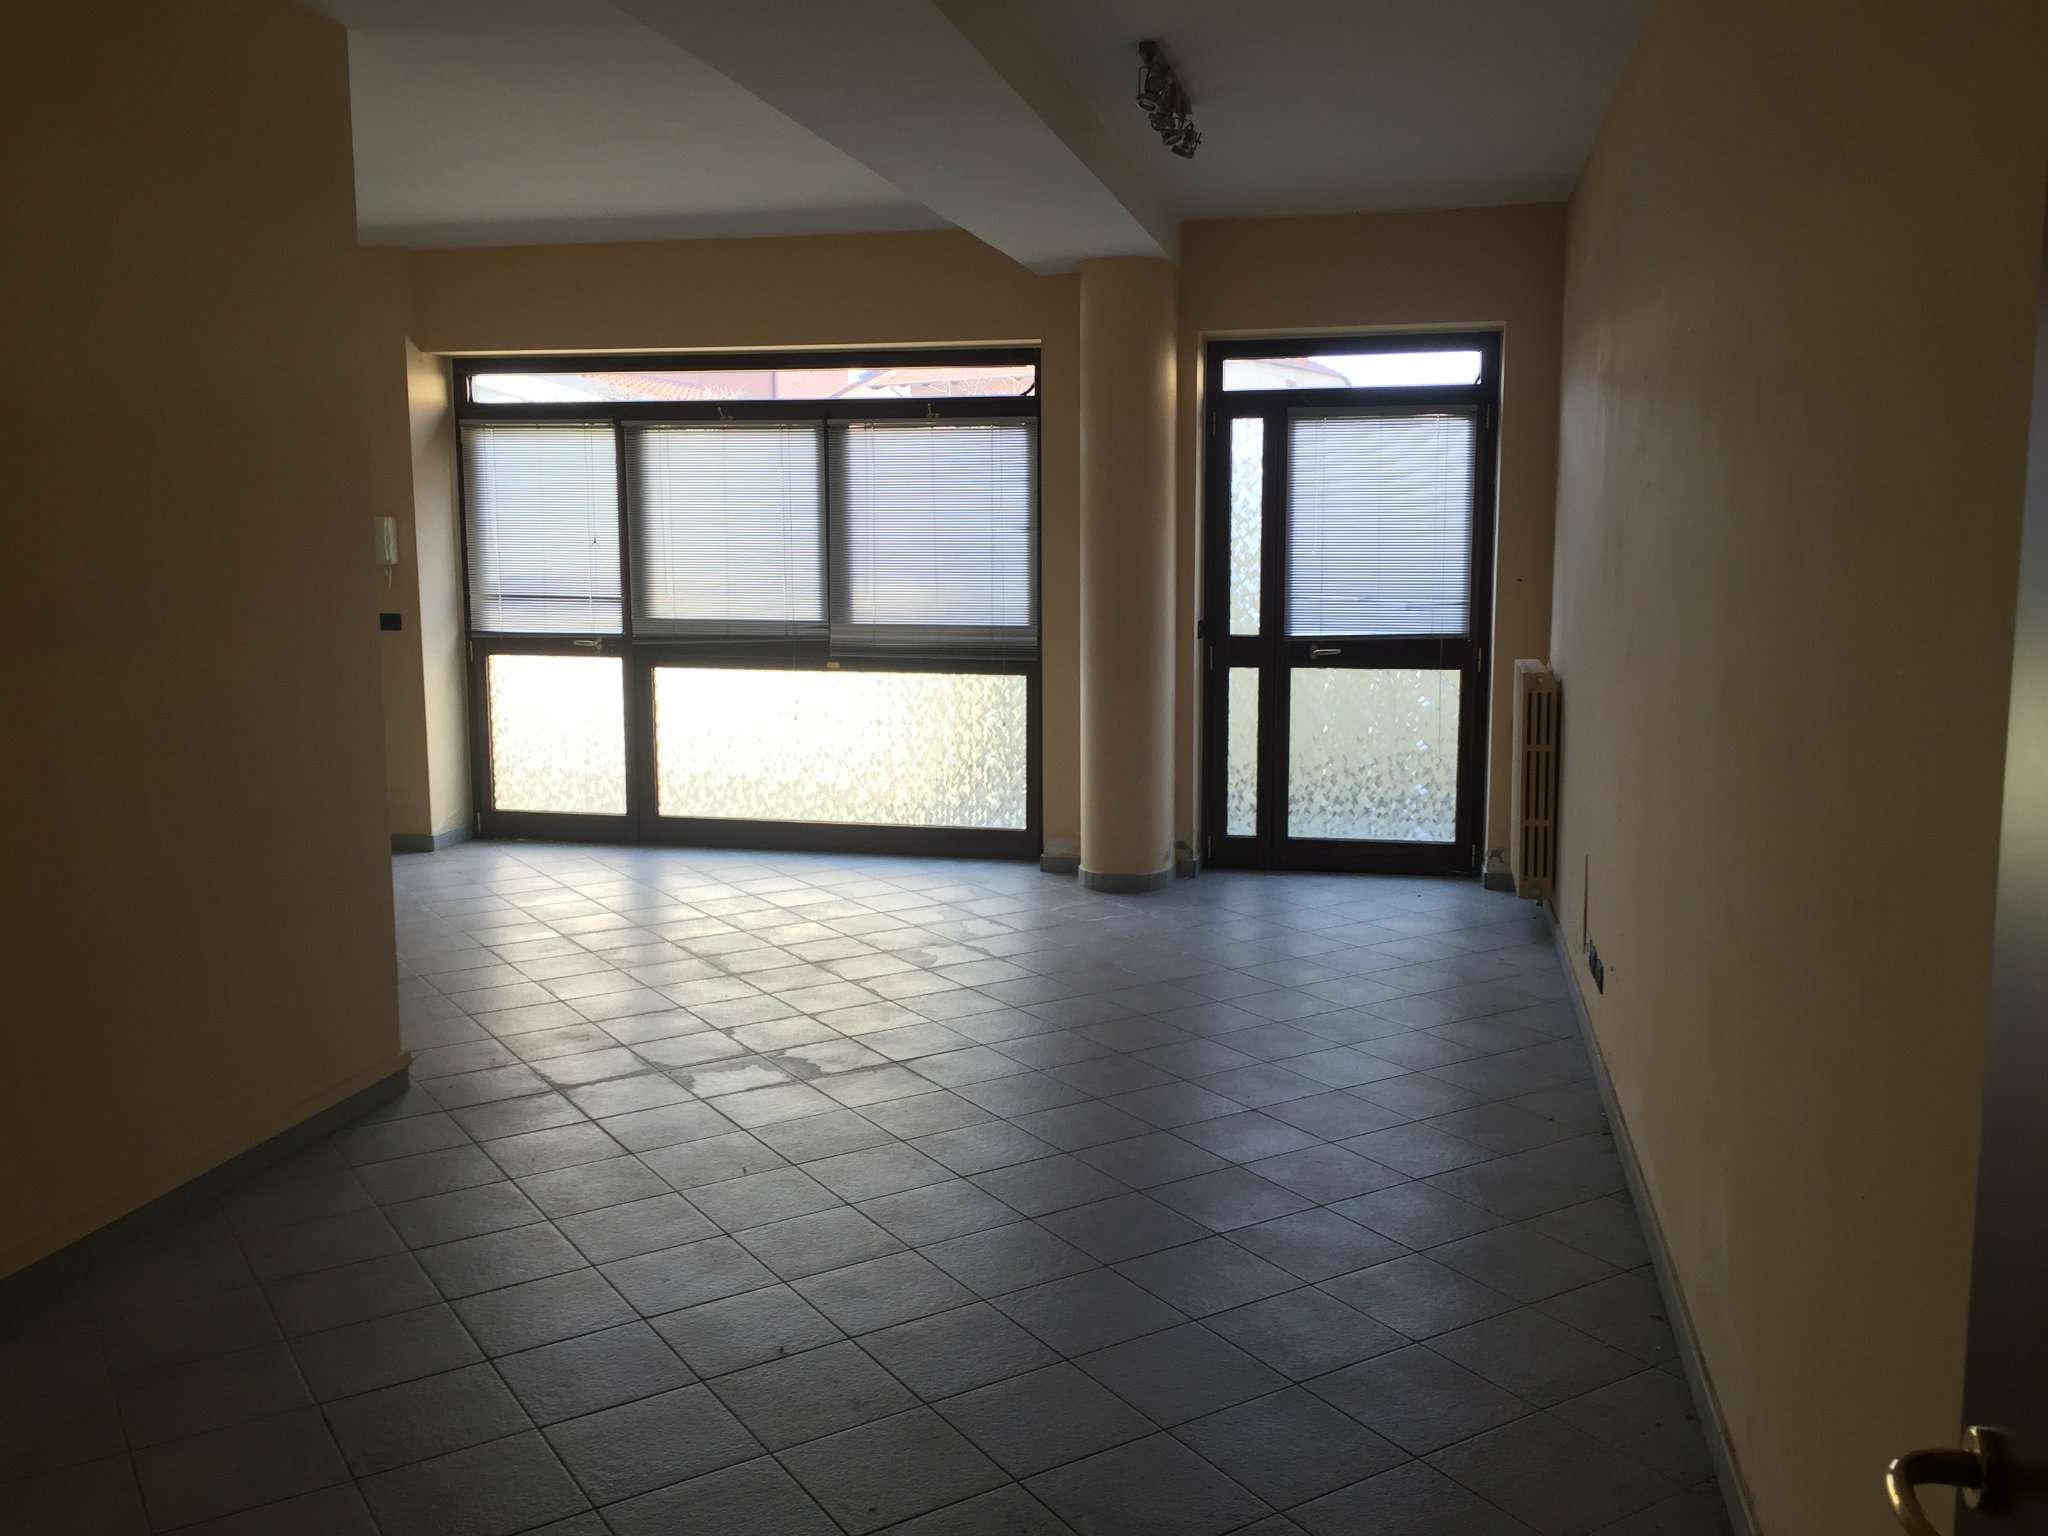 Negozio / Locale in affitto a Santena, 1 locali, prezzo € 430 | CambioCasa.it